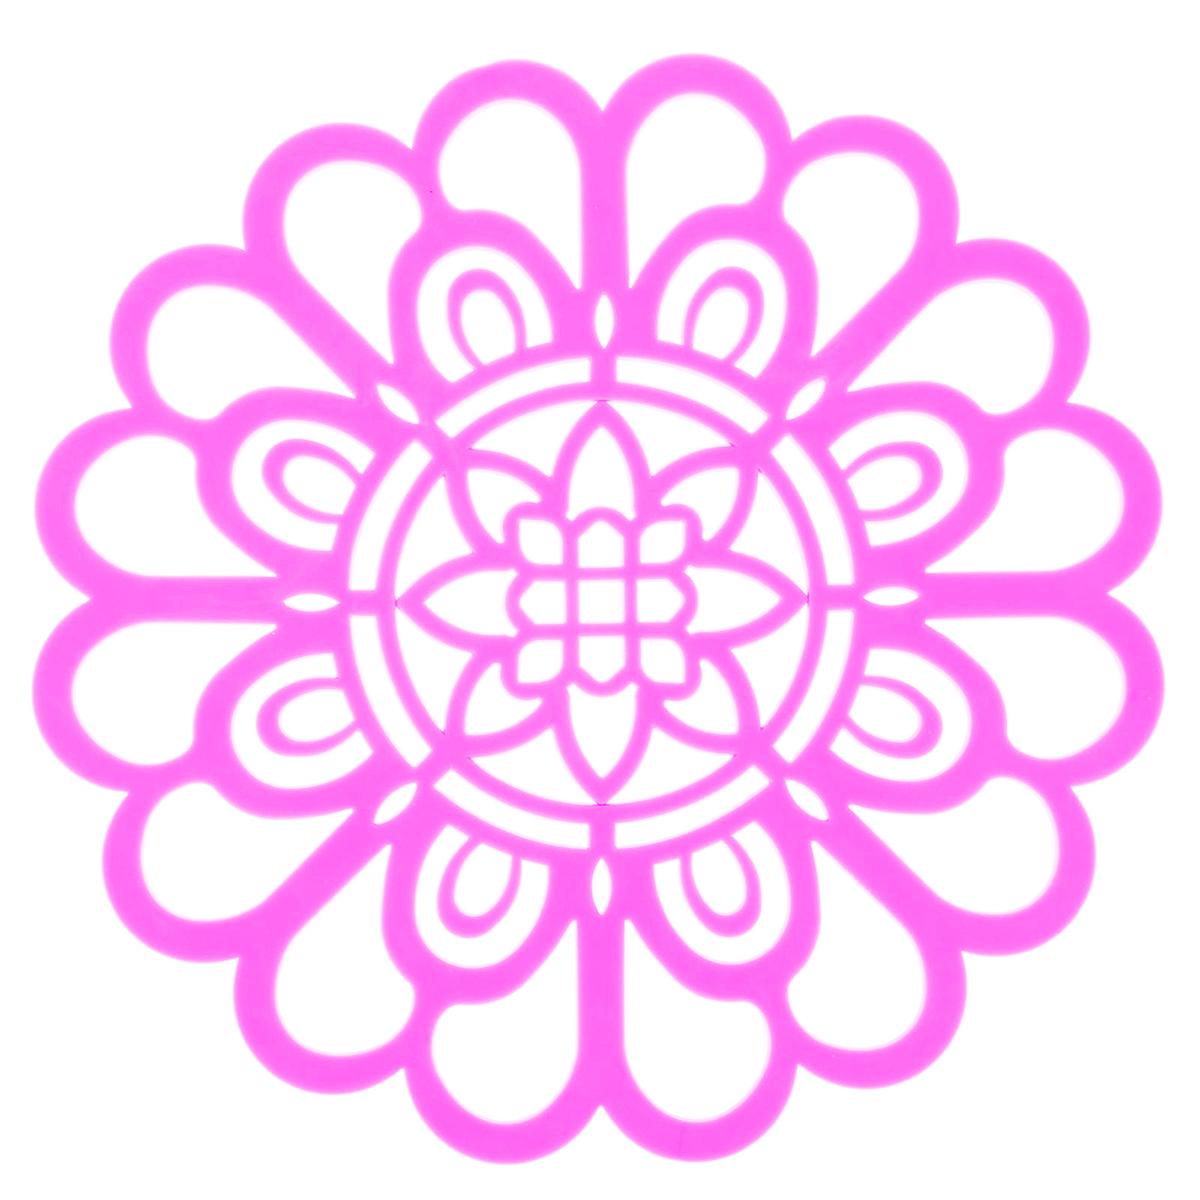 Подставка под горячее Доляна Солнечный день, цвет: светло-розовый, диаметр 19 см1210695Силиконовая подставка под горячее Доляна - практичный предмет, который обязательно пригодится в хозяйстве. Изделие поможет сберечь столы, тумбы, скатерти и клеёнки от повреждения нагретыми сковородами, кастрюлями, чайниками и тарелками.